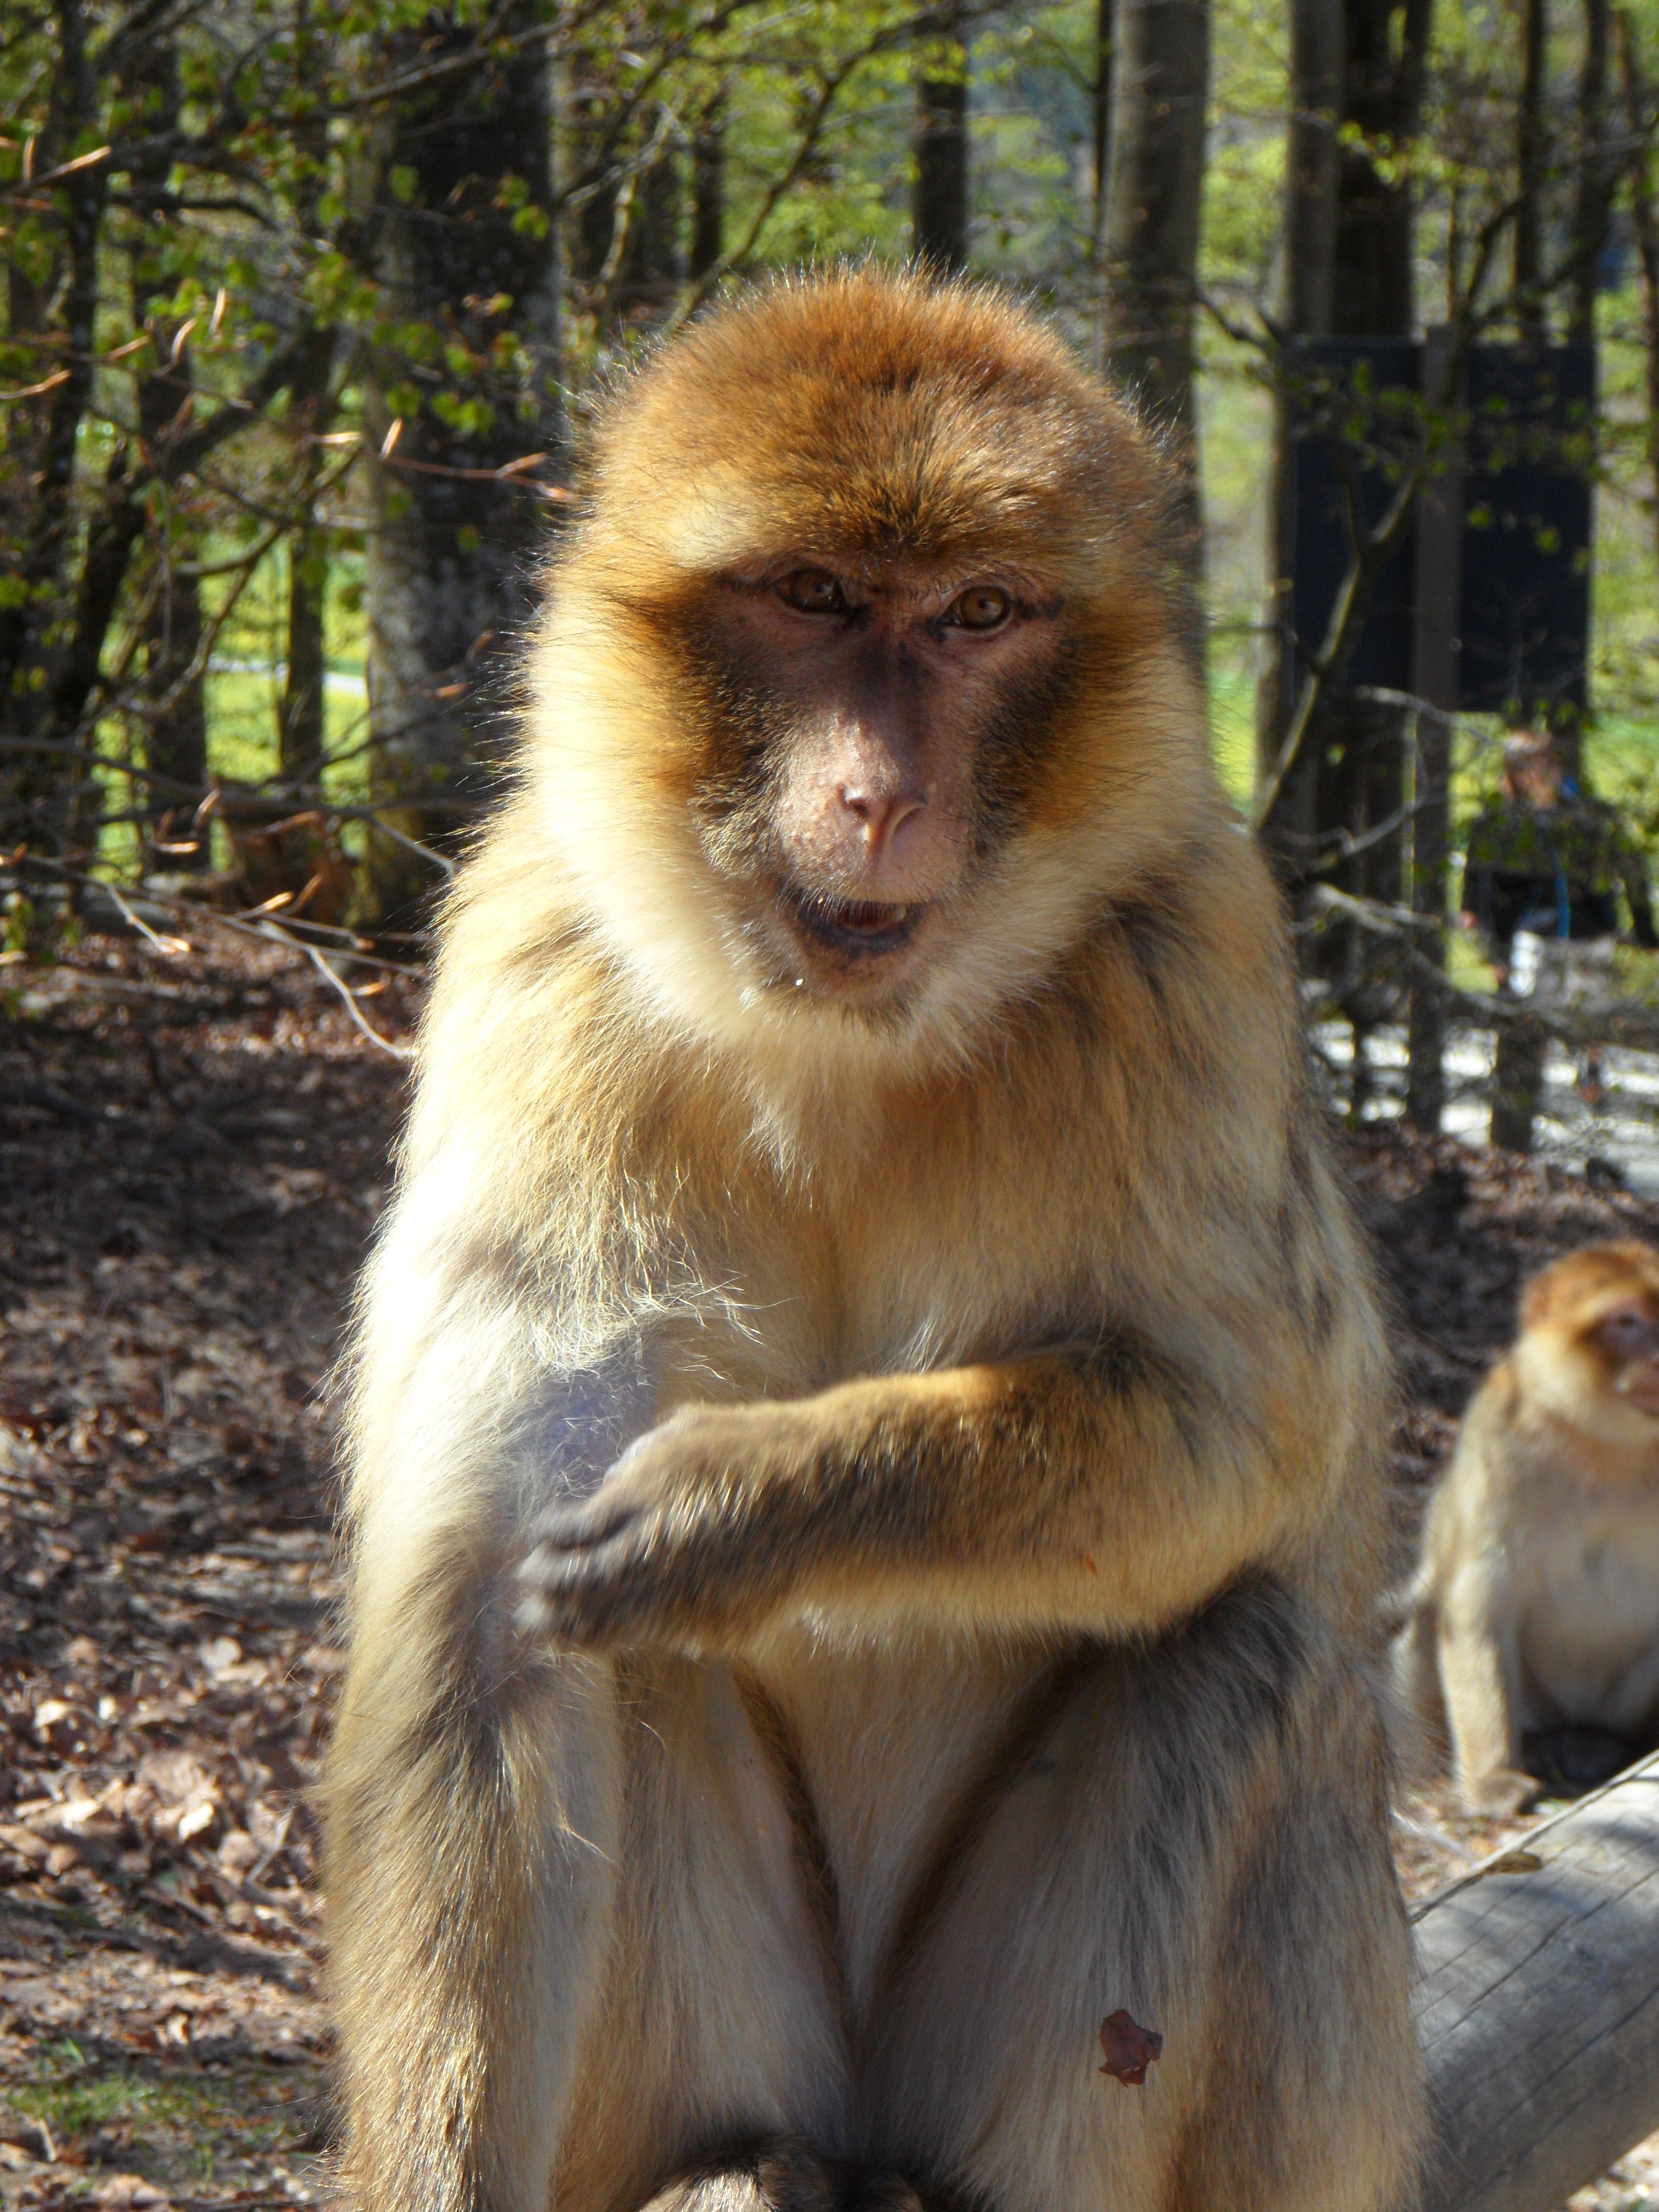 Download 99+ Gambar Monyet Wanita Paling Baru Gratis